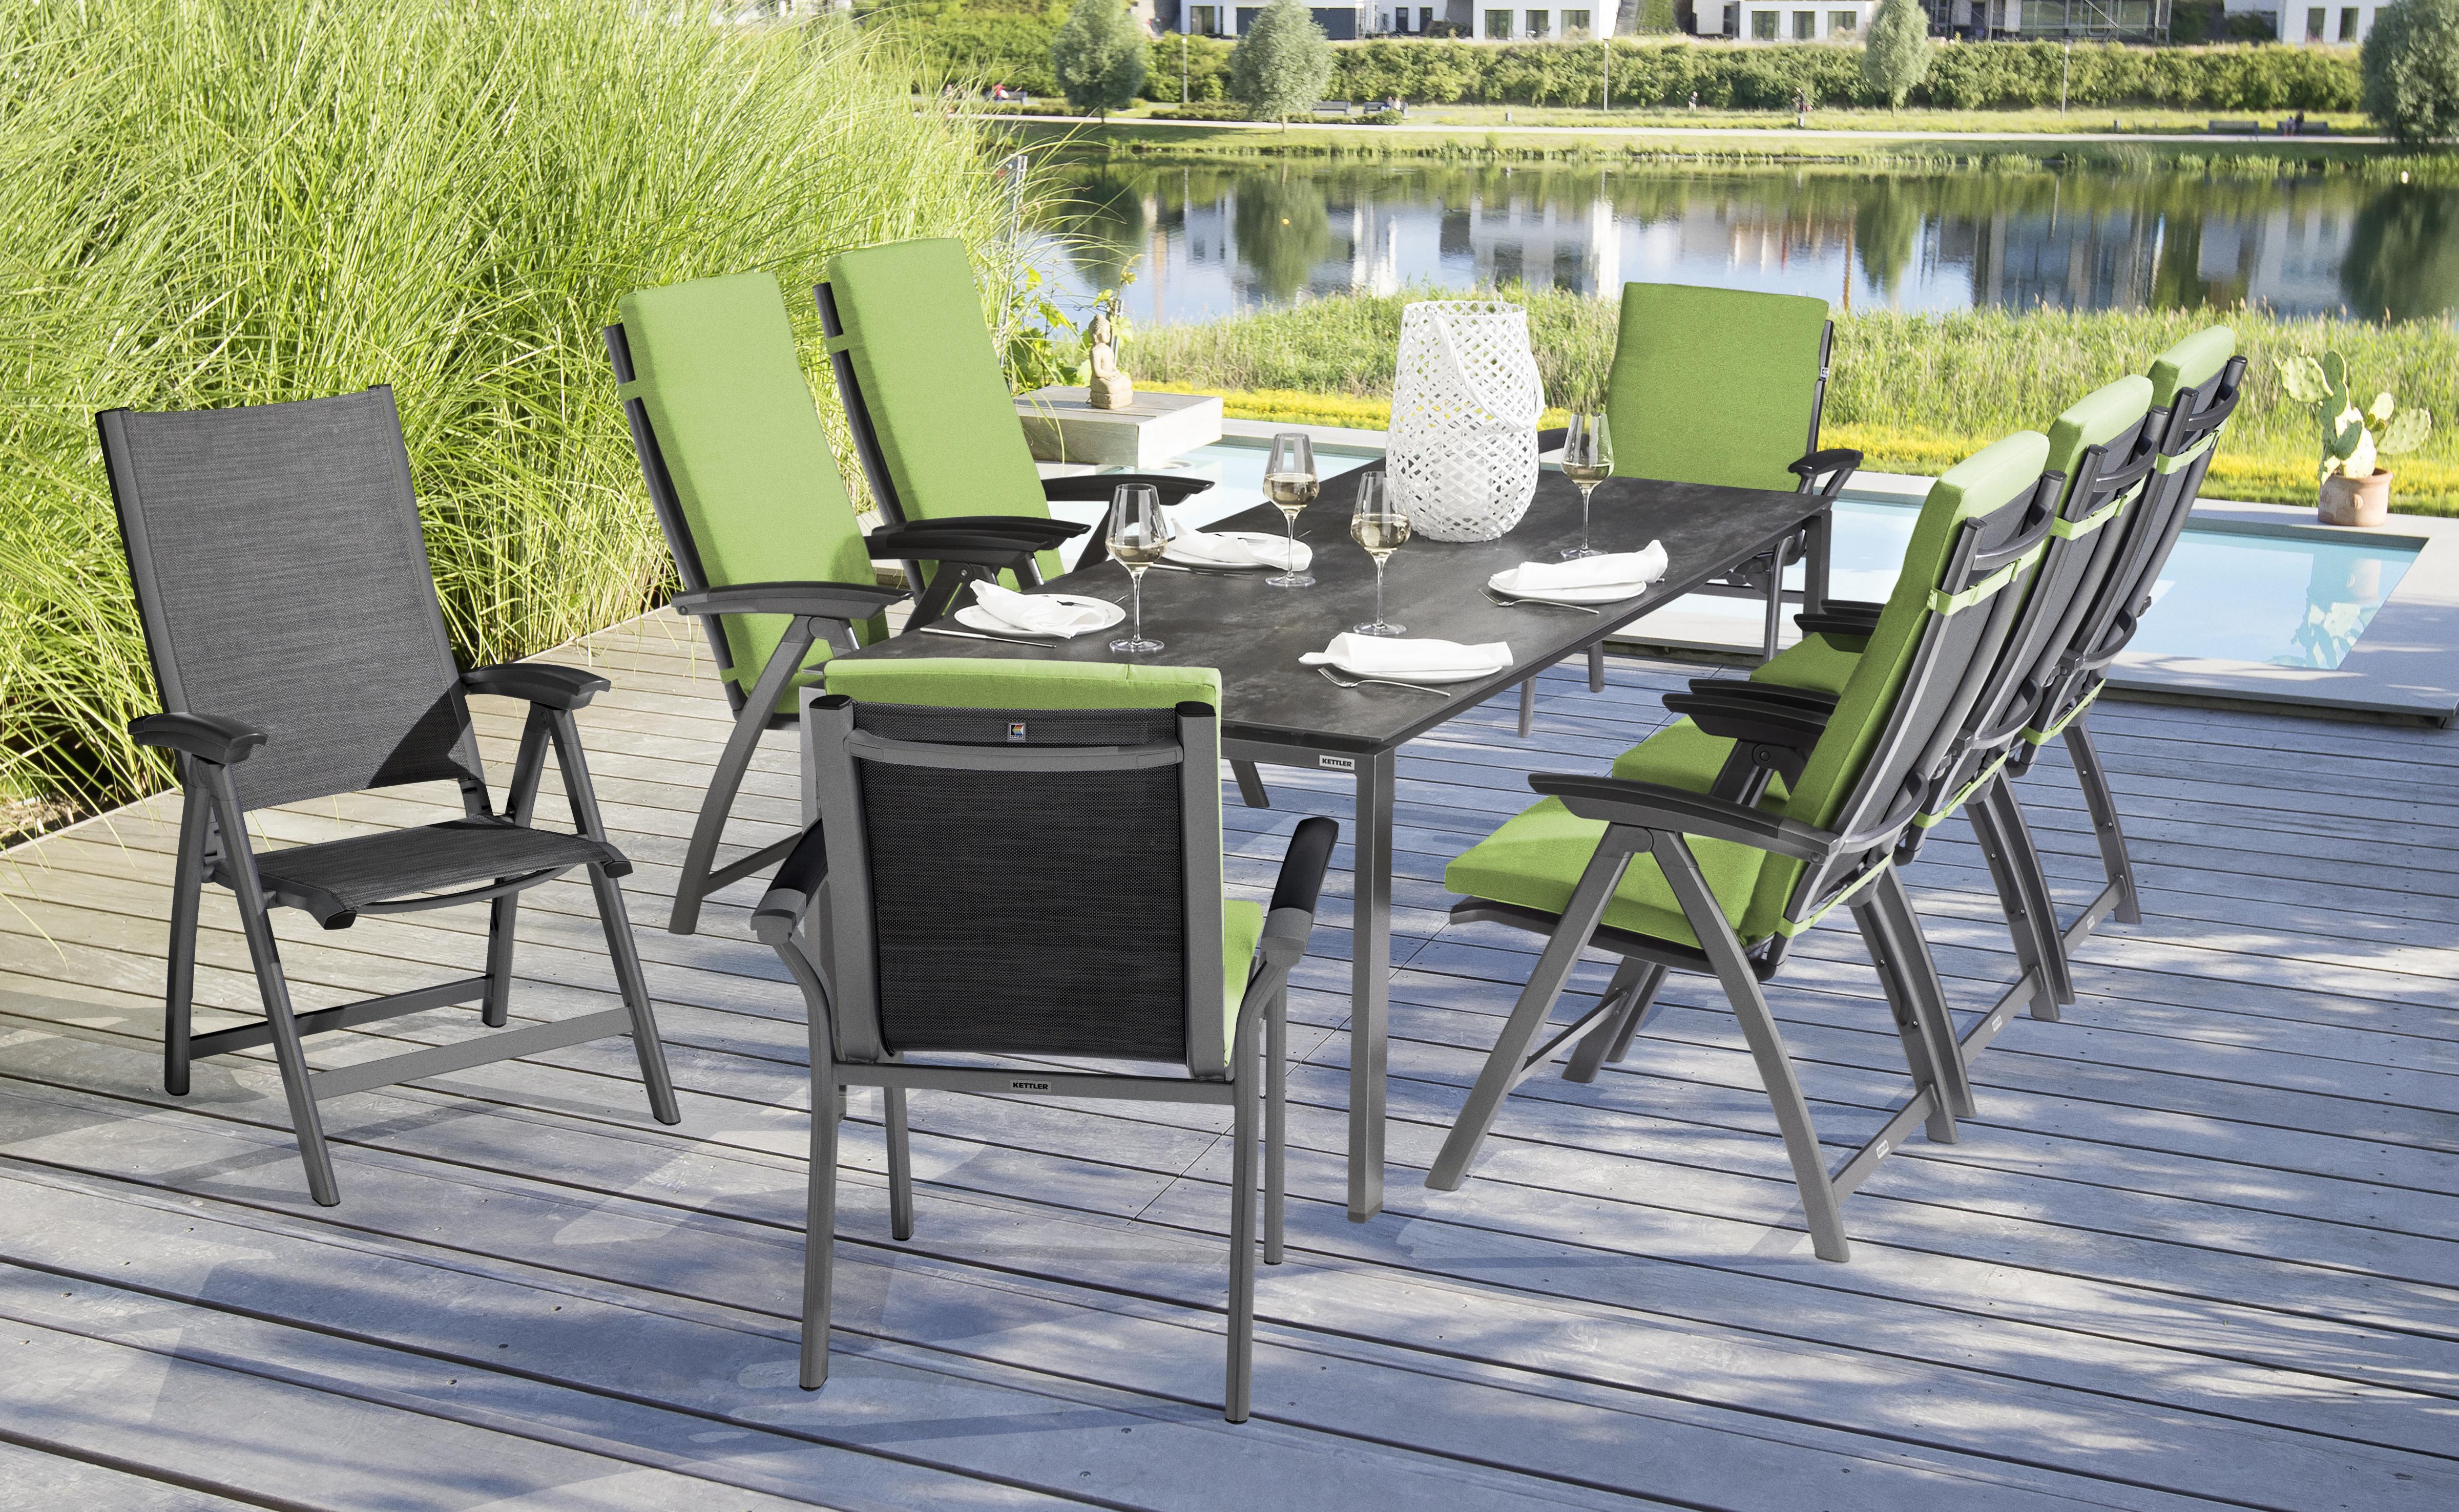 Table Kettler solde Frais Photos Table De Jardin Kettler Ainsi Que Magnifique Charmant Gartenmöbel